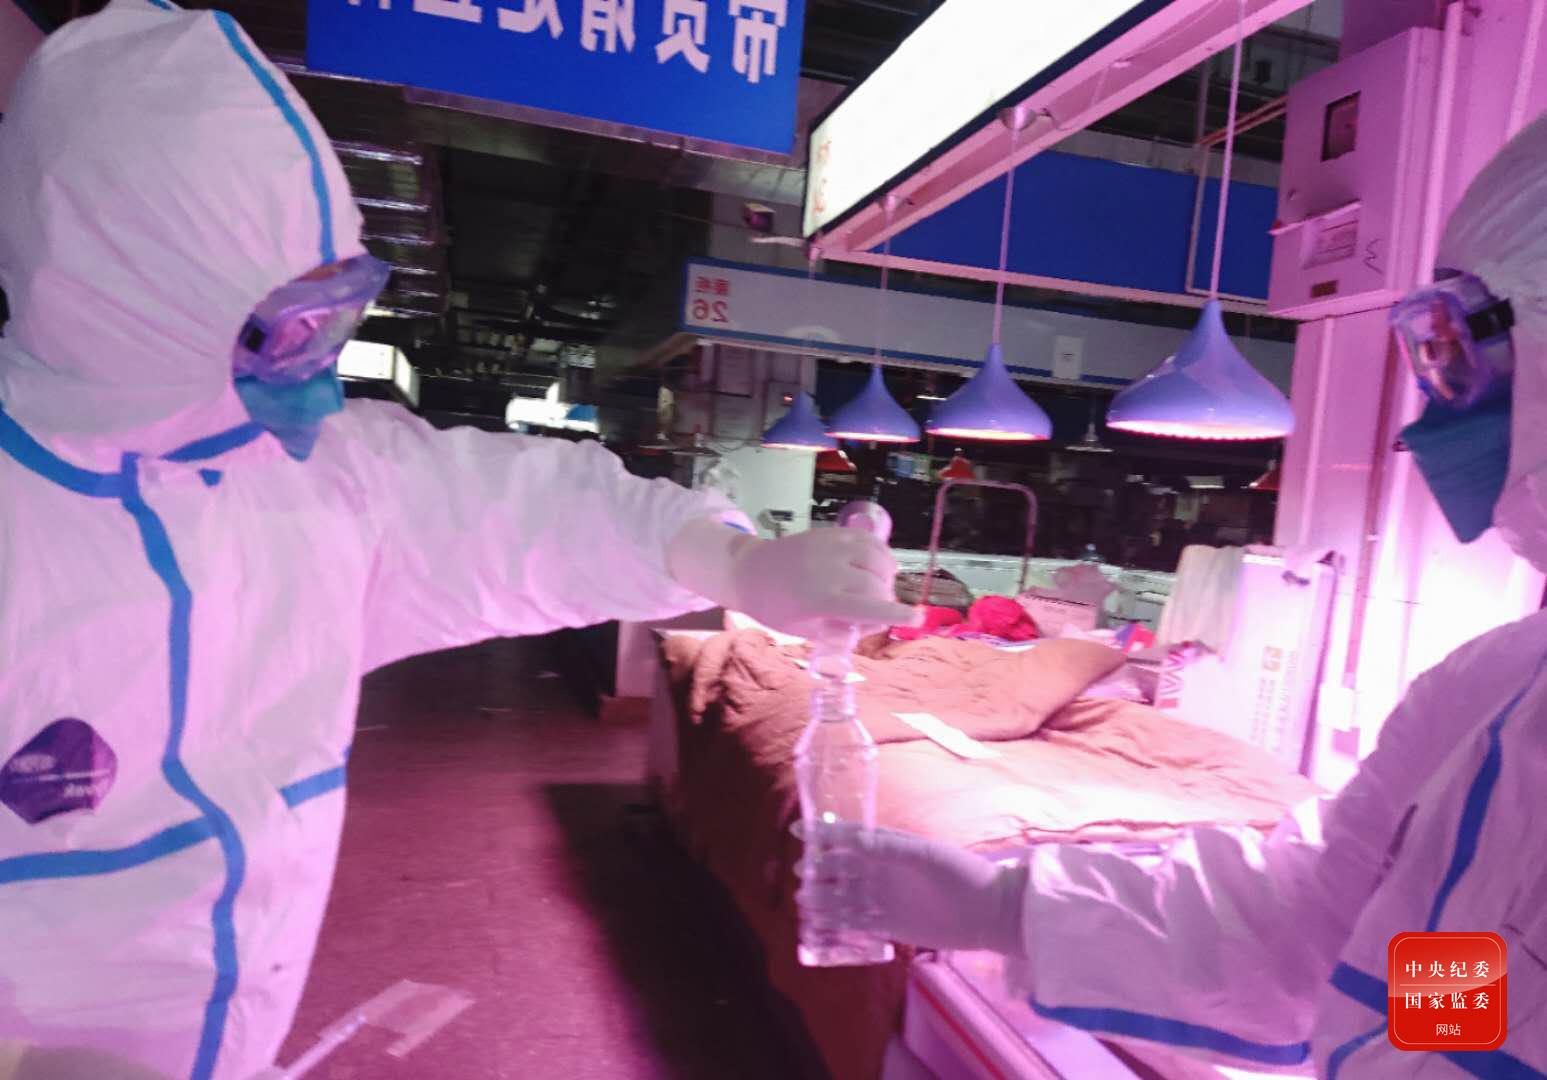 6月17日23时28分,中国疾控中心病毒病所溯源专家组成员在新发地农产品批发市场内采集样本。疫情发生以来,这是病毒病所第三次进入新发地农产品批发市场开展病毒溯源工作。